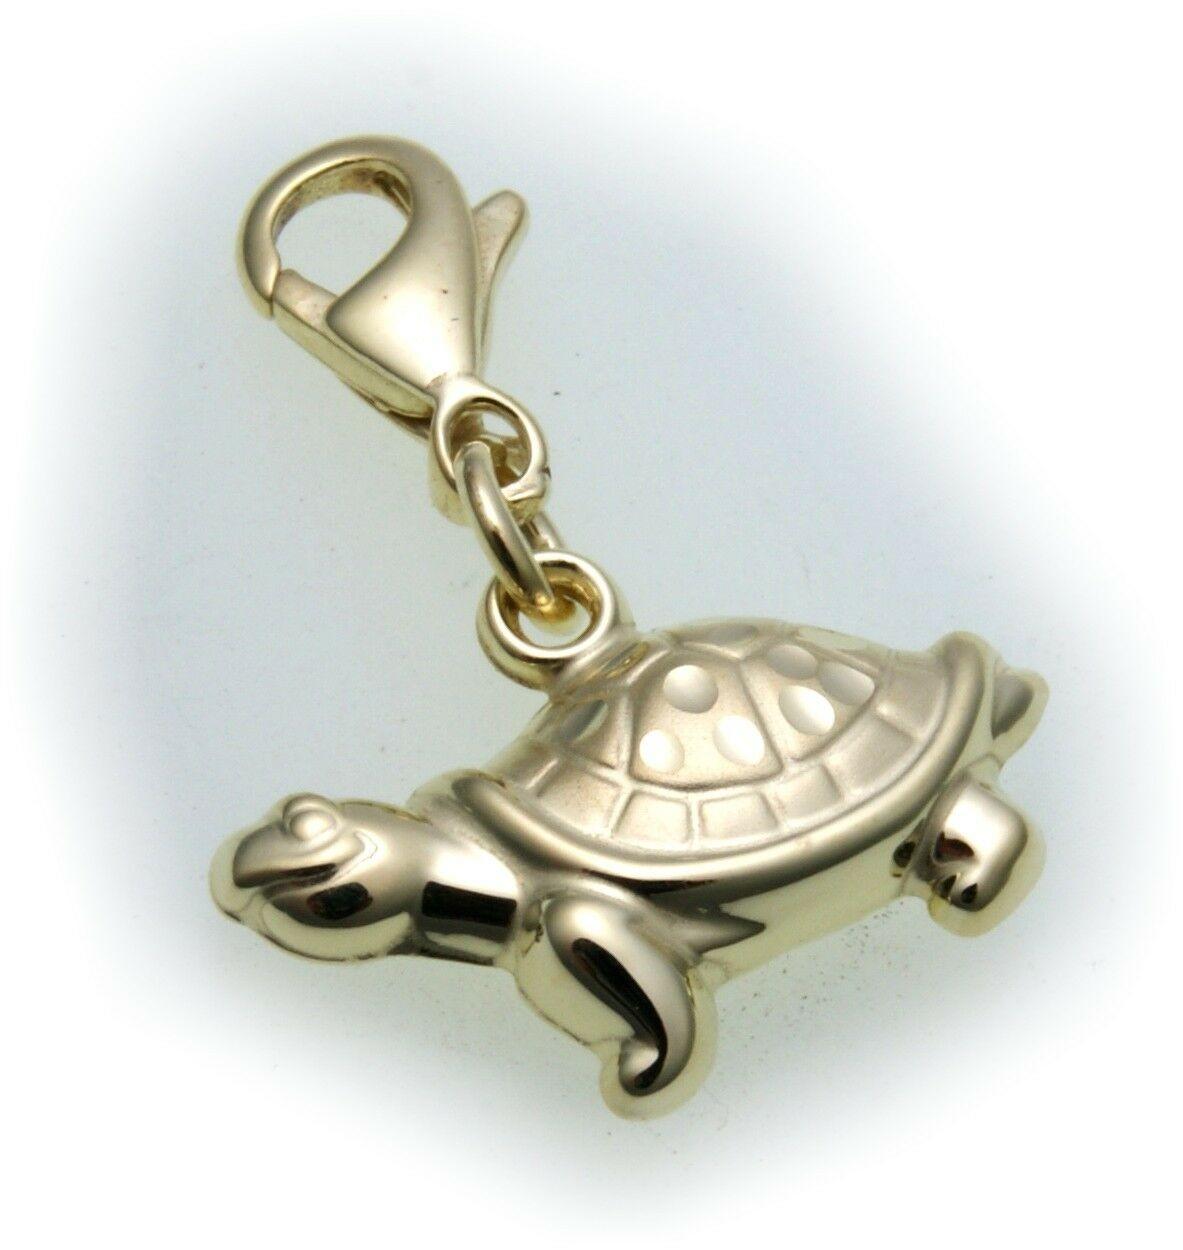 Neu Anhänger Charm Schildkröte Gold 333 Einhänger Gelbgold Unisex Top Qualität